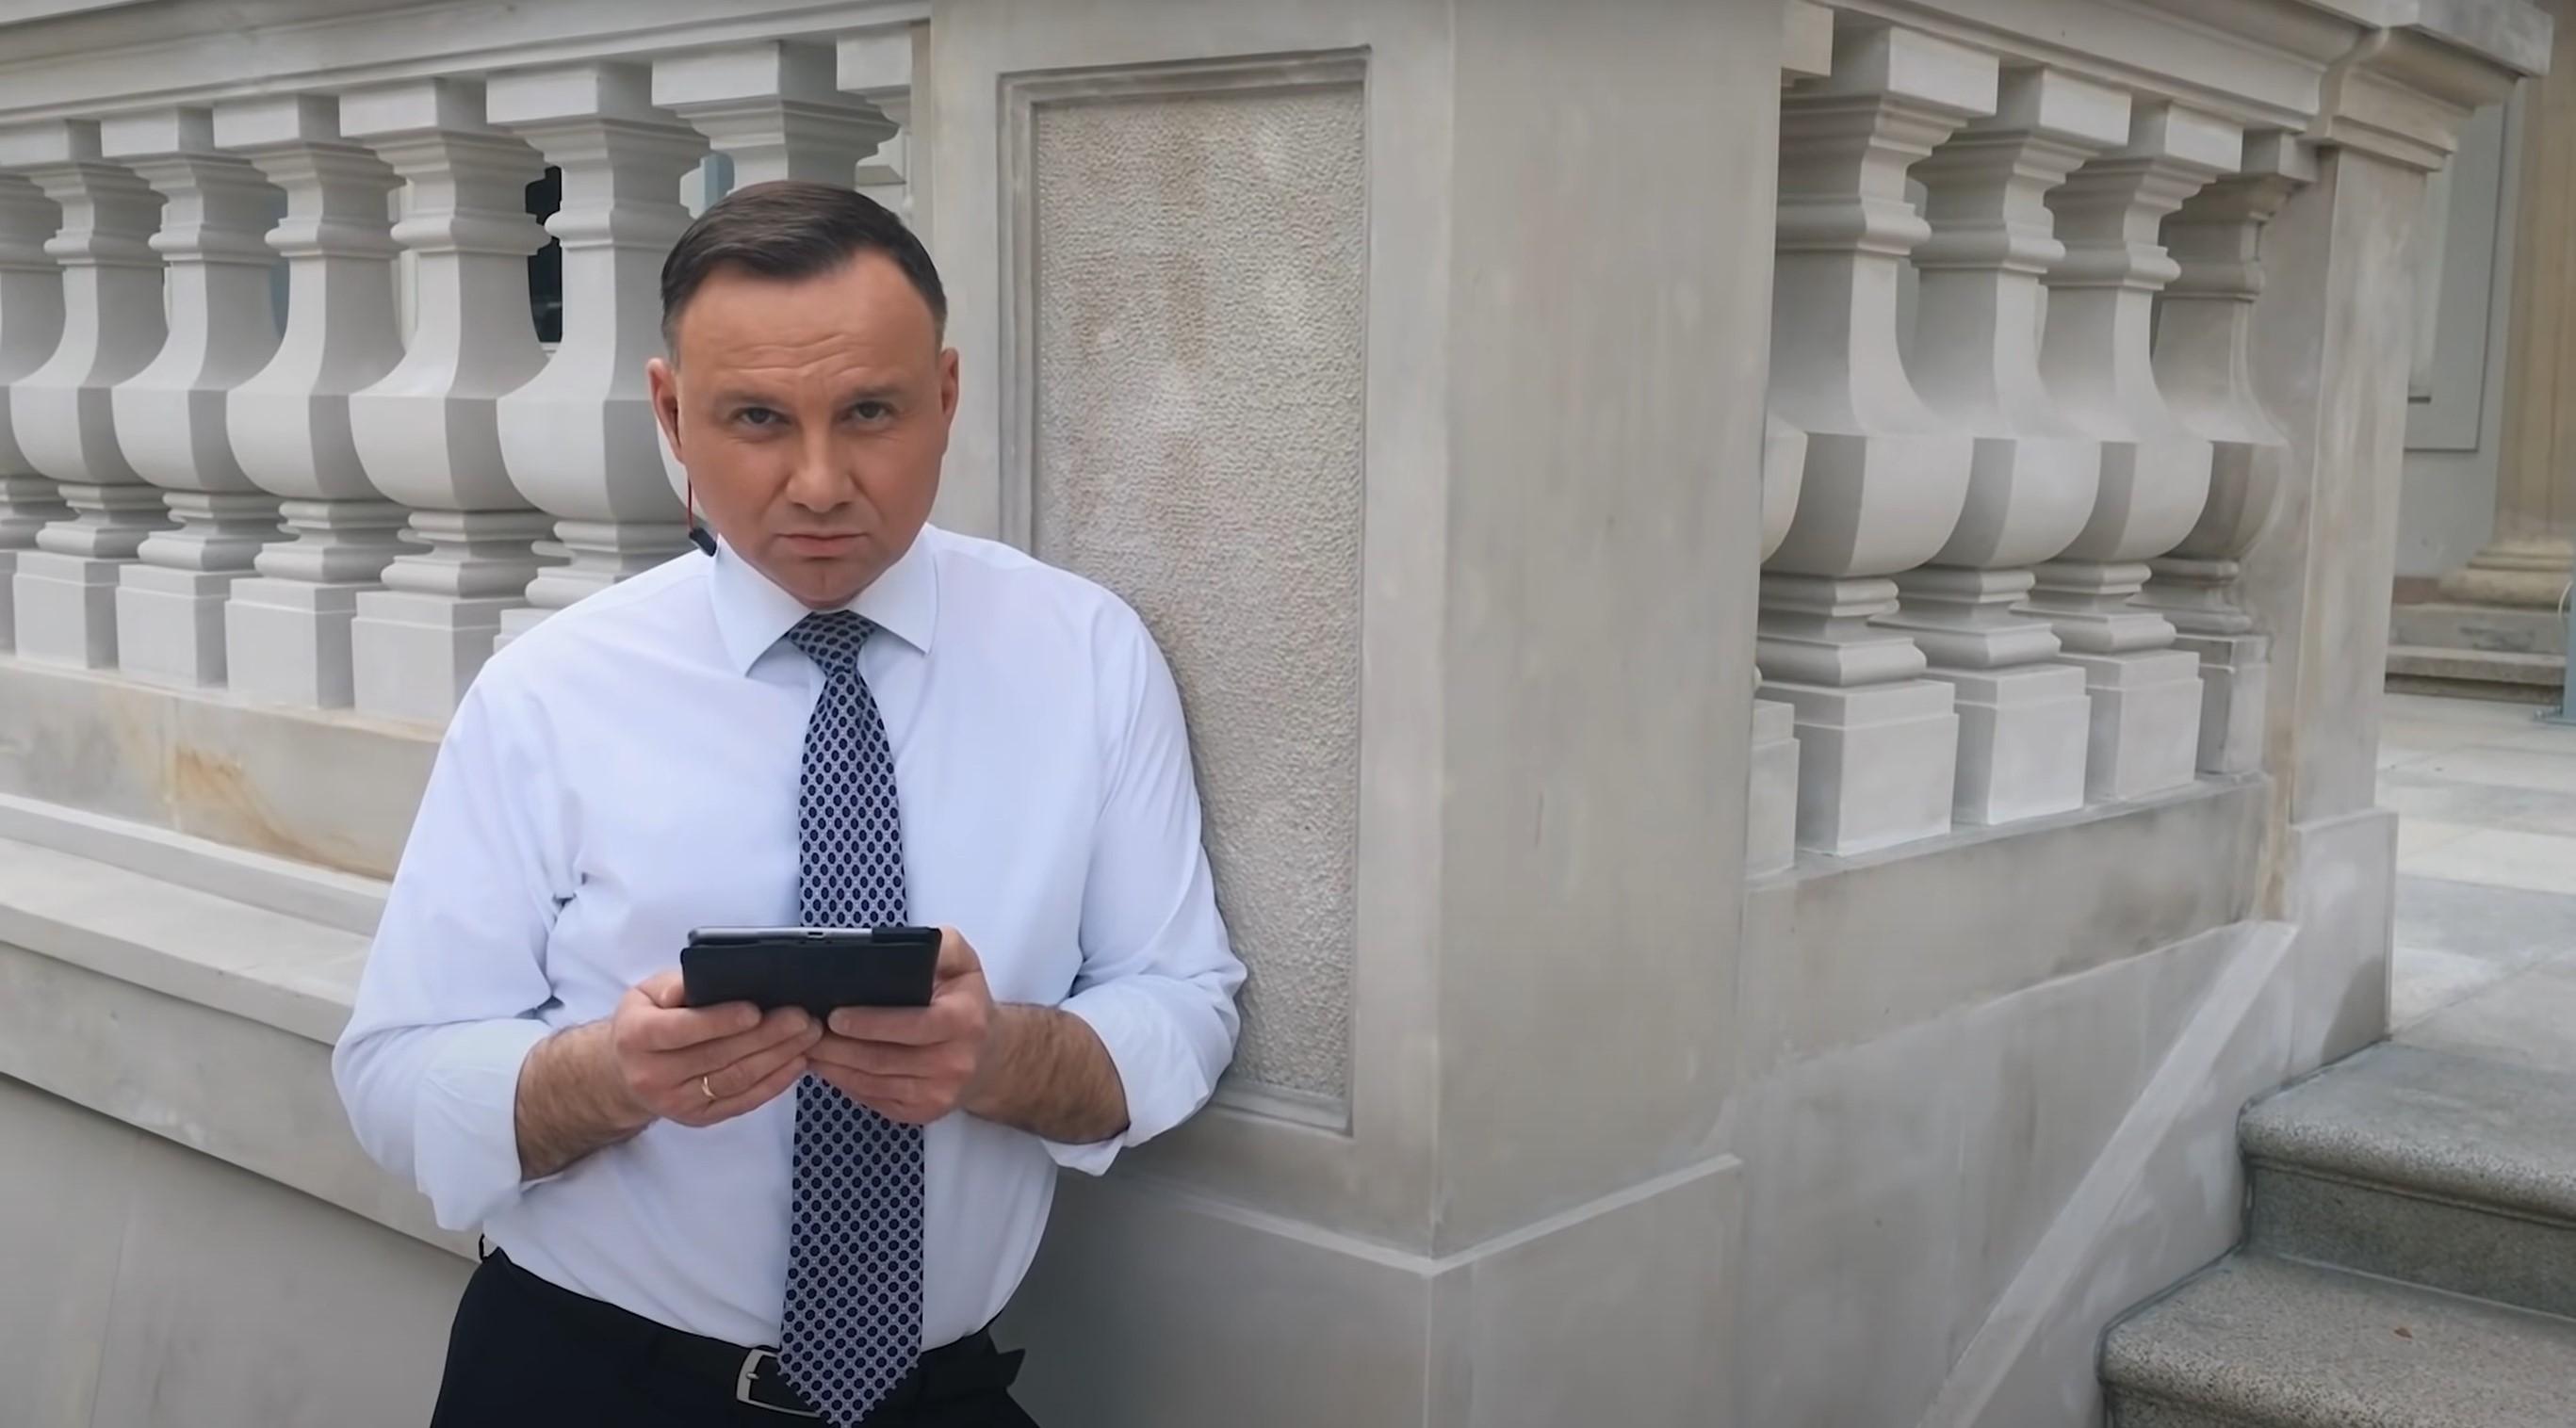 """Światłowód w każdym domu? Andrzej Duda prezentuje """"Kartę wolności w sieci"""" 18"""